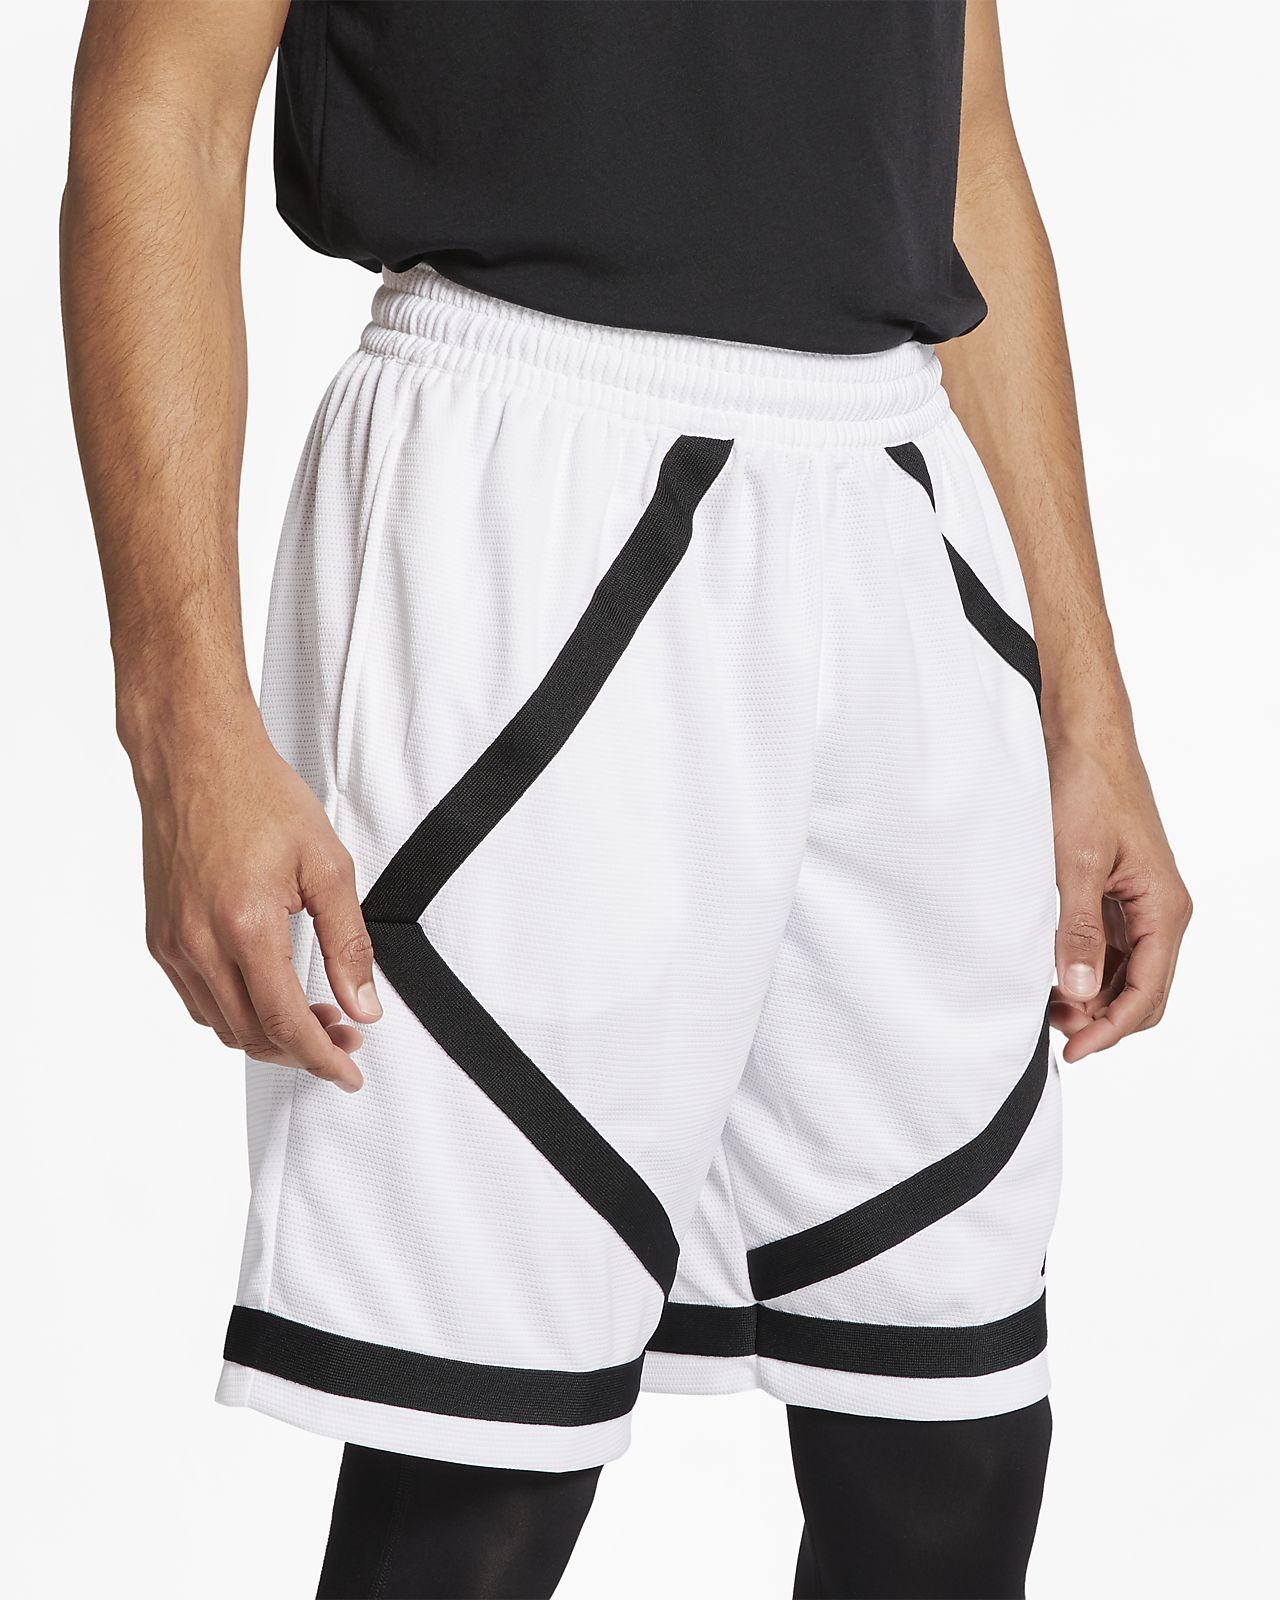 773c17507b9e Jordan Dri-FIT Men s Taped Basketball Shorts. Nike.com